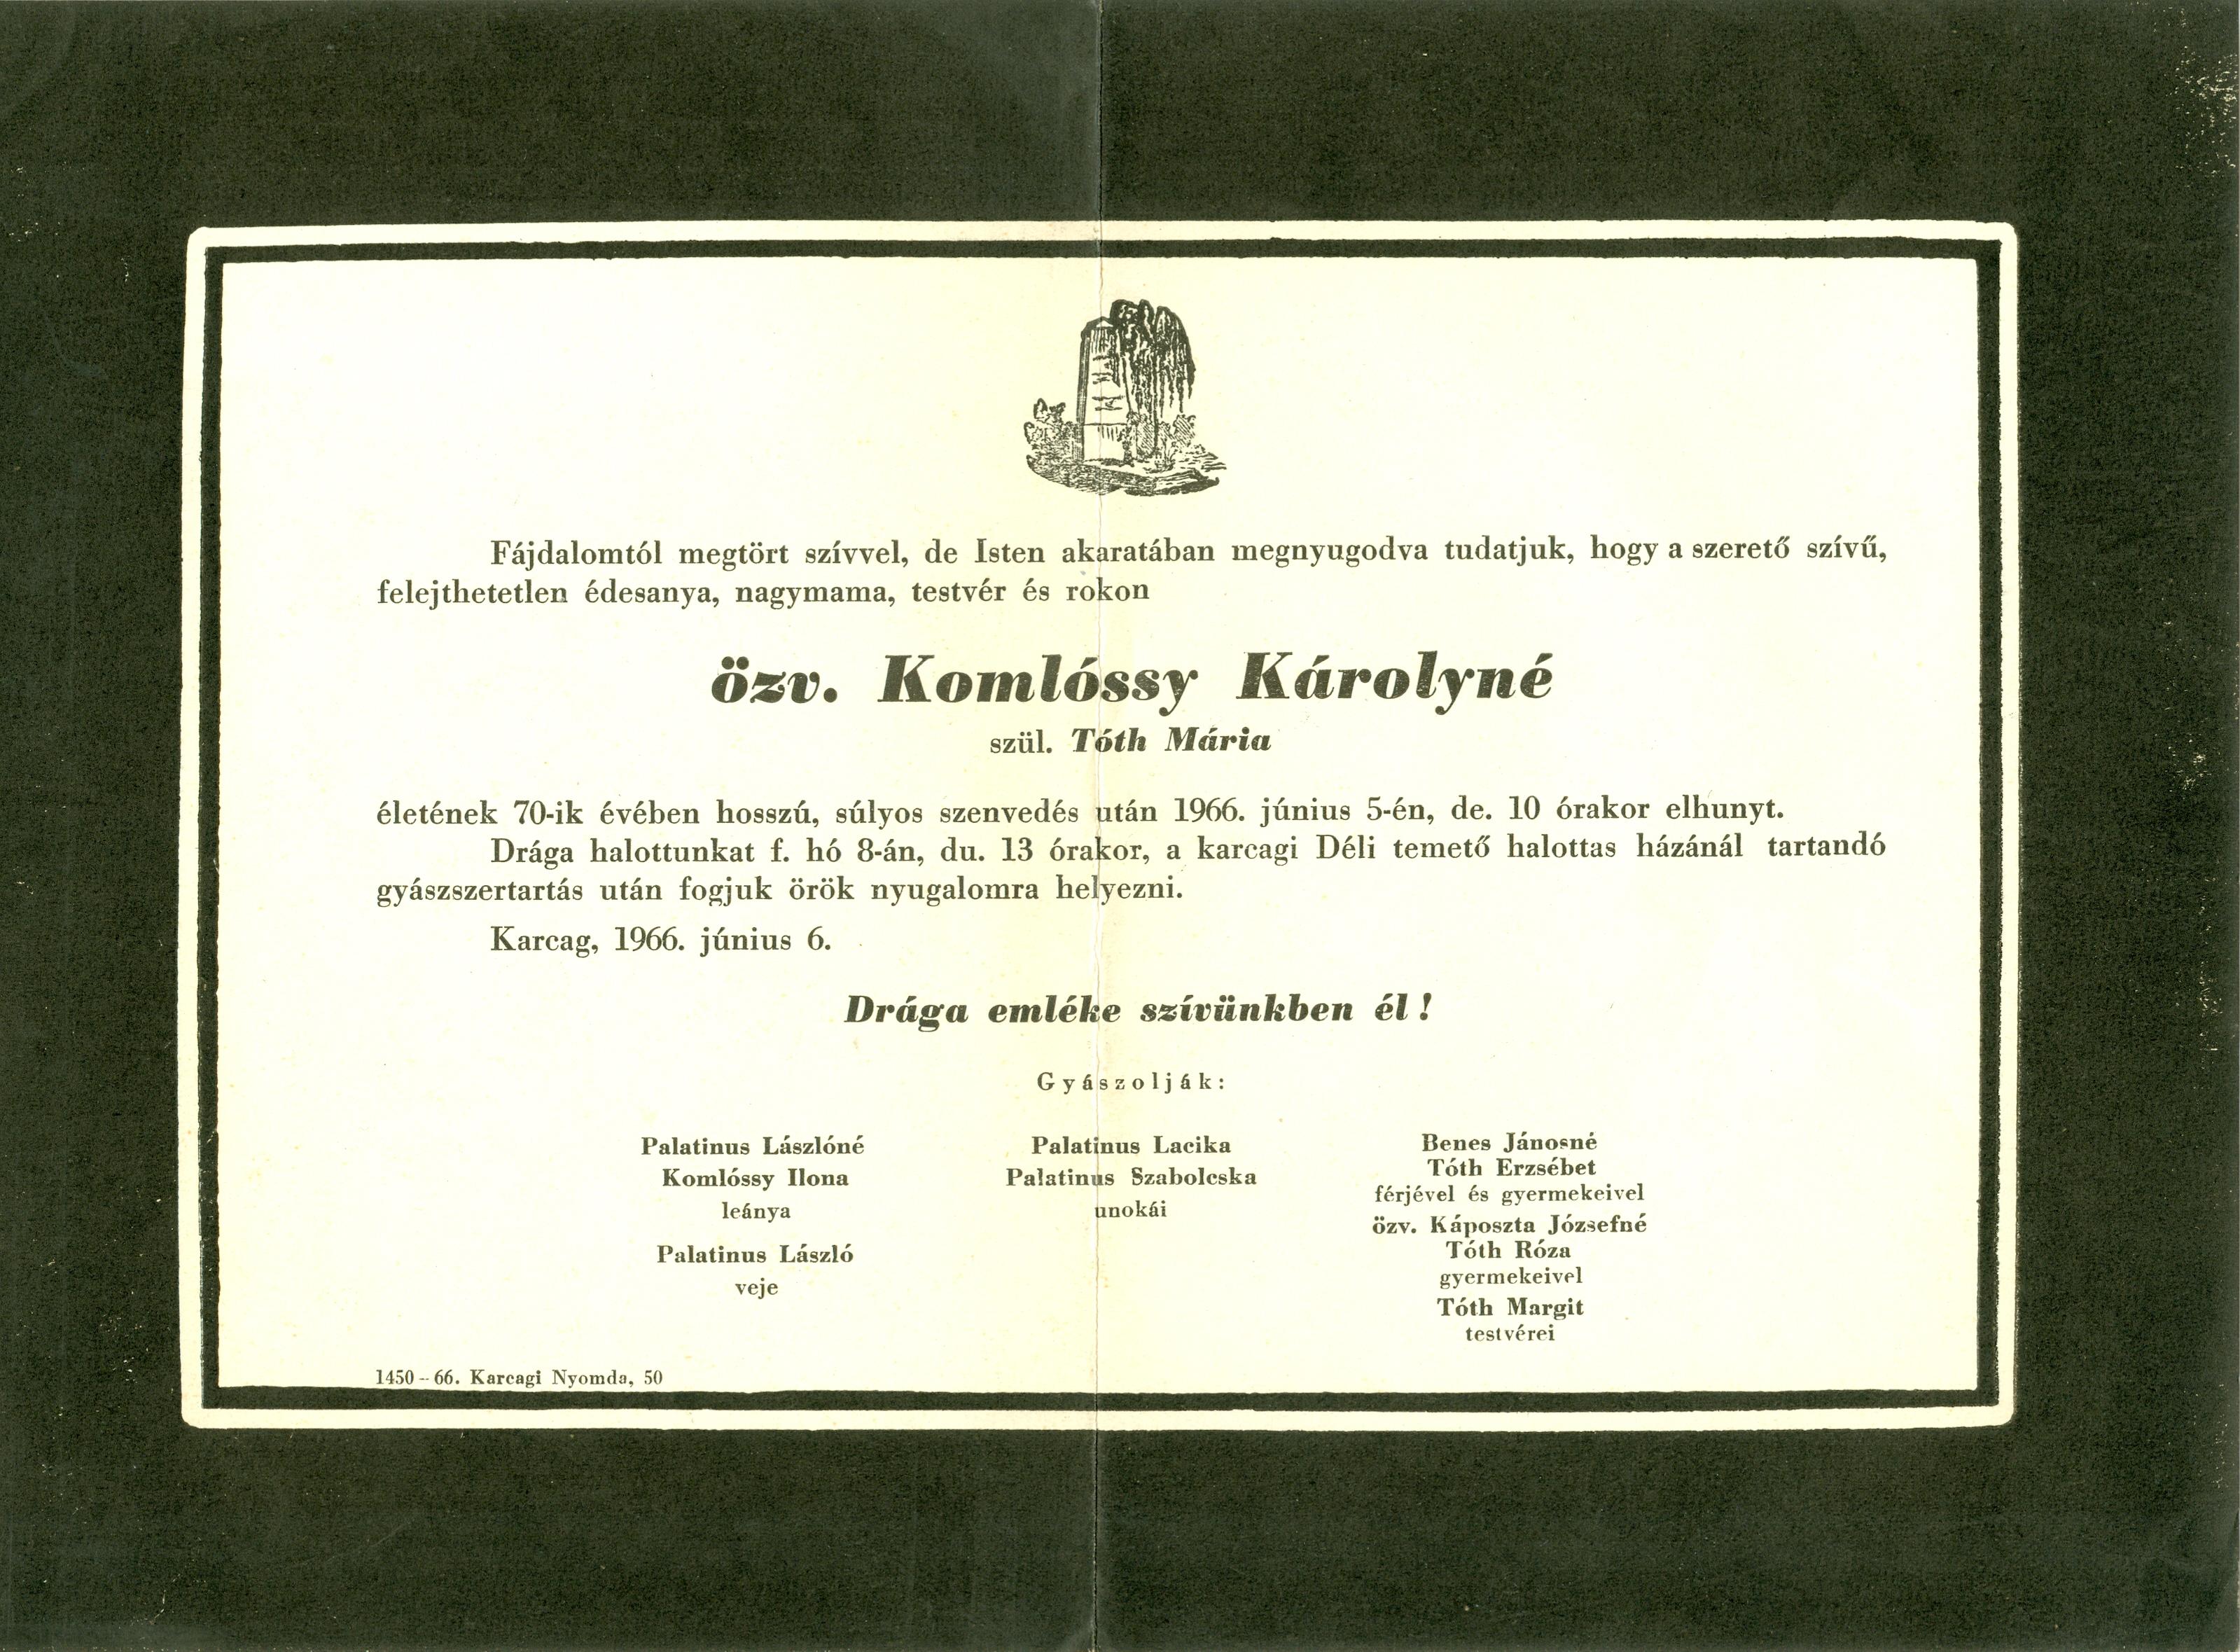 Komlóssy Károlyné